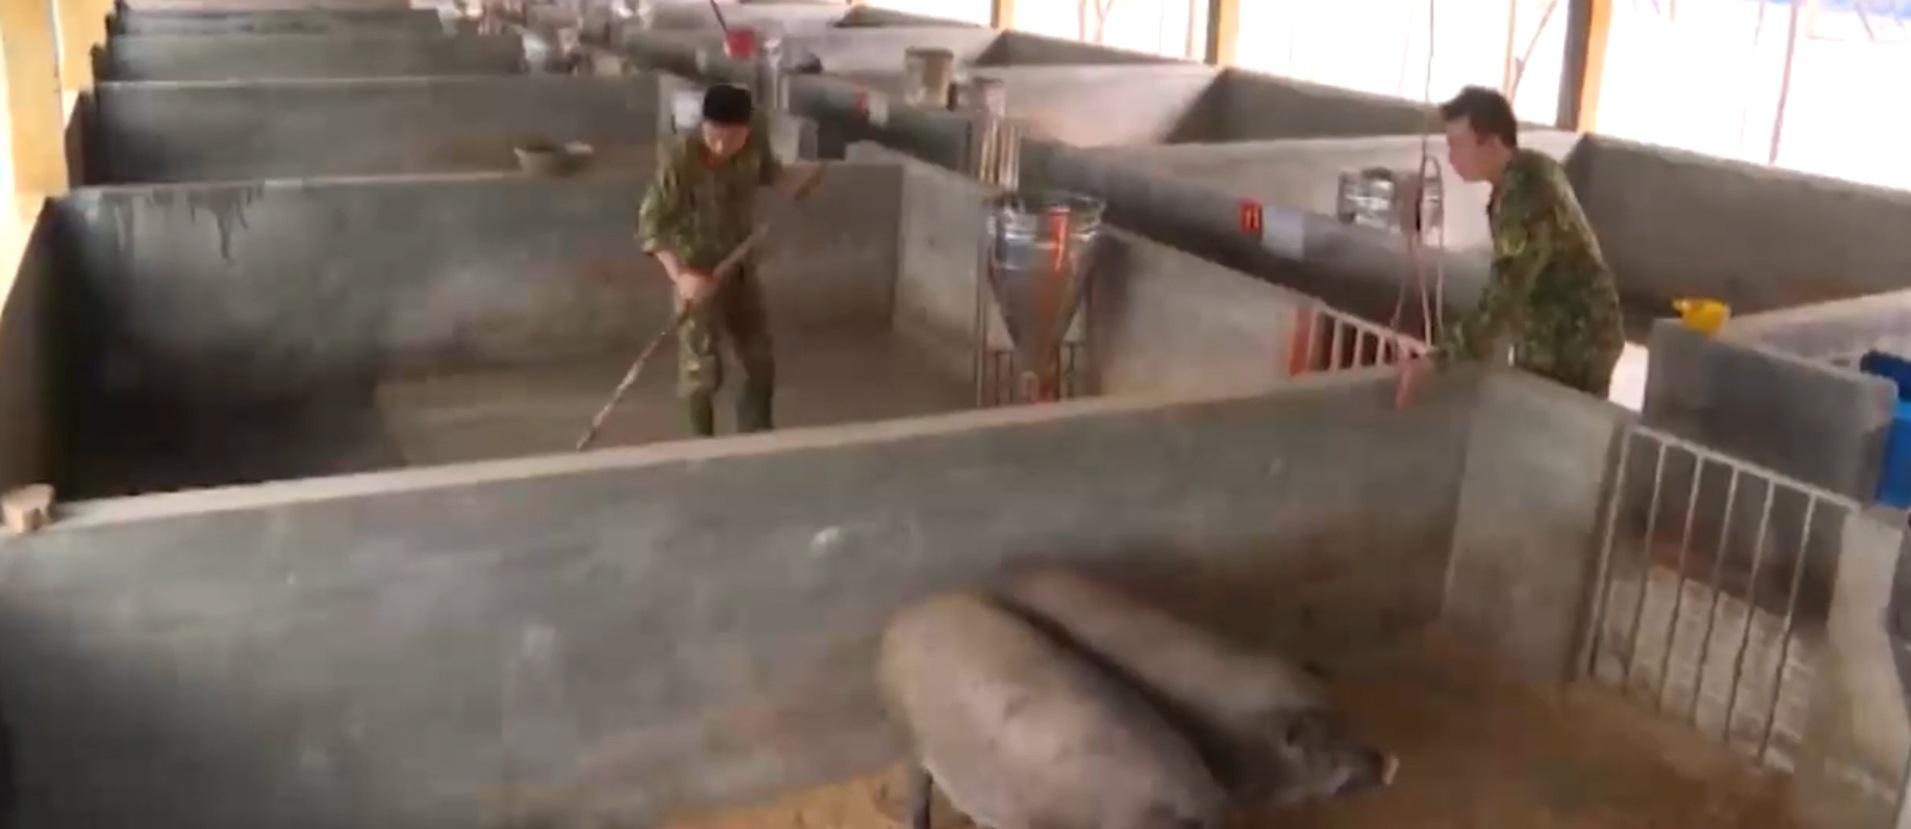 Thừa Thiên - Huế: Khôi phục sản xuất tại các doanh trại quân đội sau thiên tai - Ảnh 4.